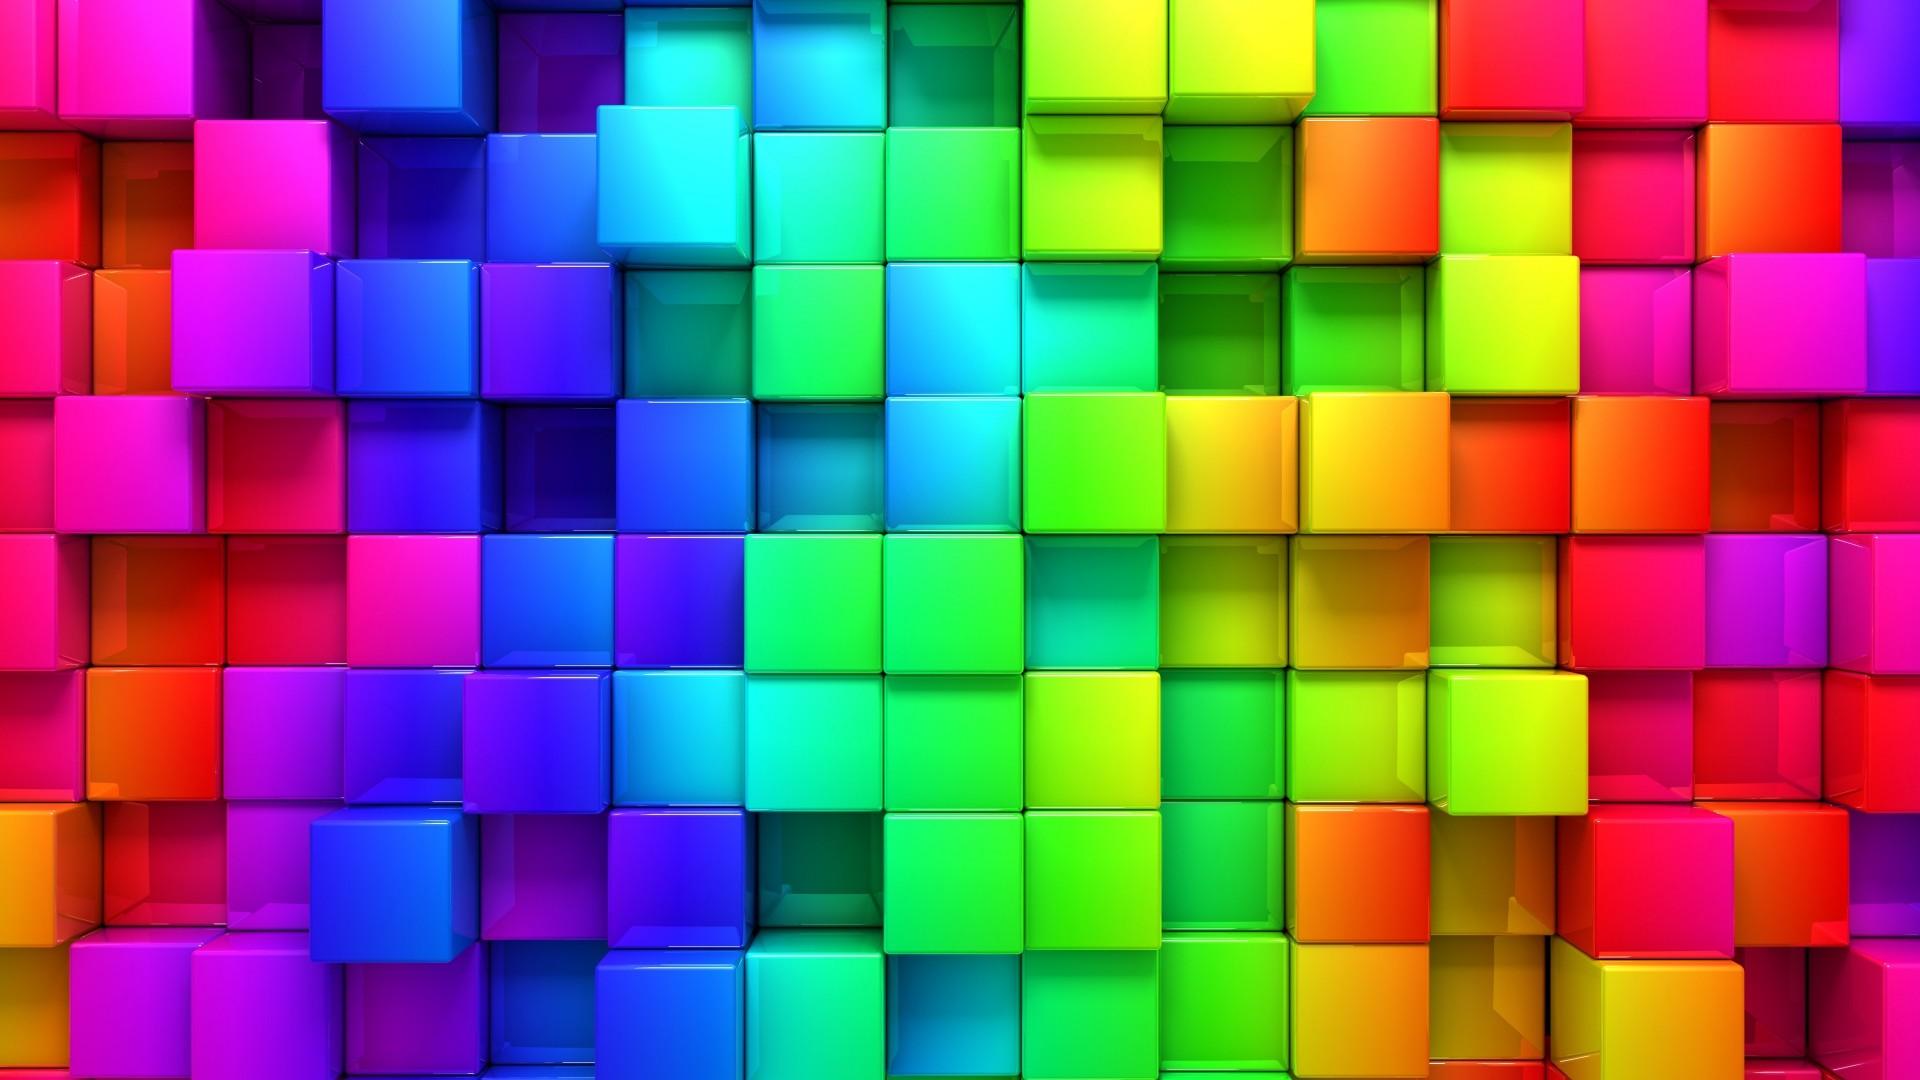 HD 1080p Wallpaper 3D